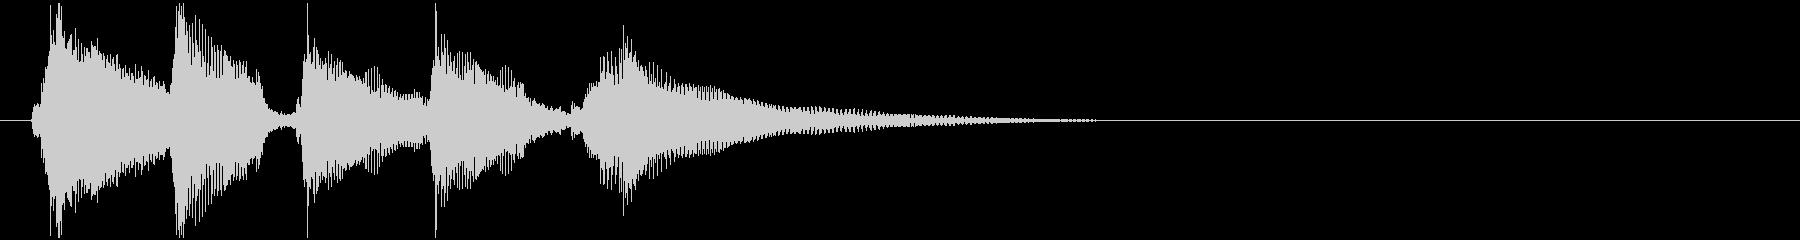 CMあけで流れそうなウクレレの未再生の波形